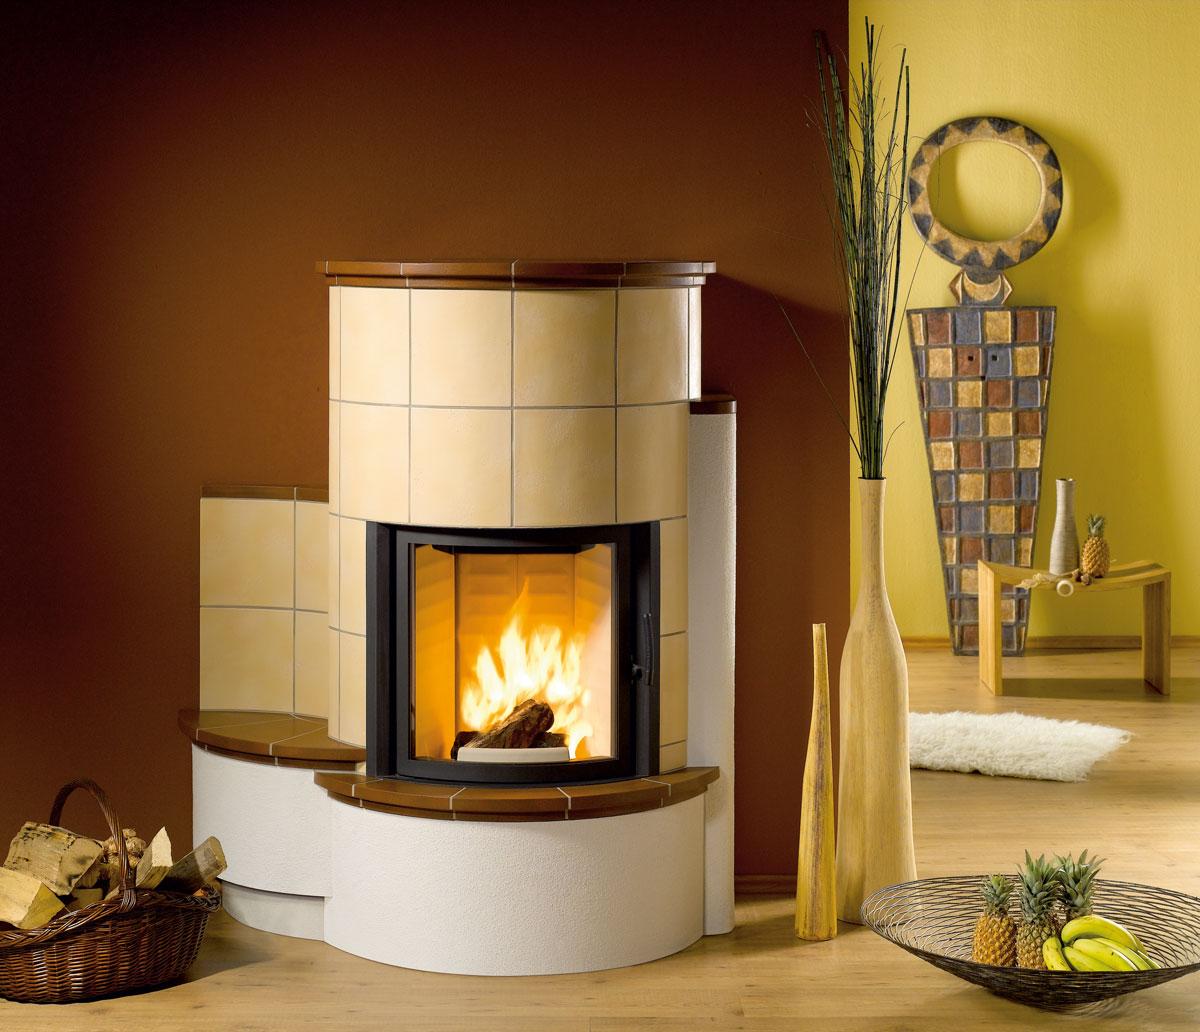 kamine fahlenbock. Black Bedroom Furniture Sets. Home Design Ideas